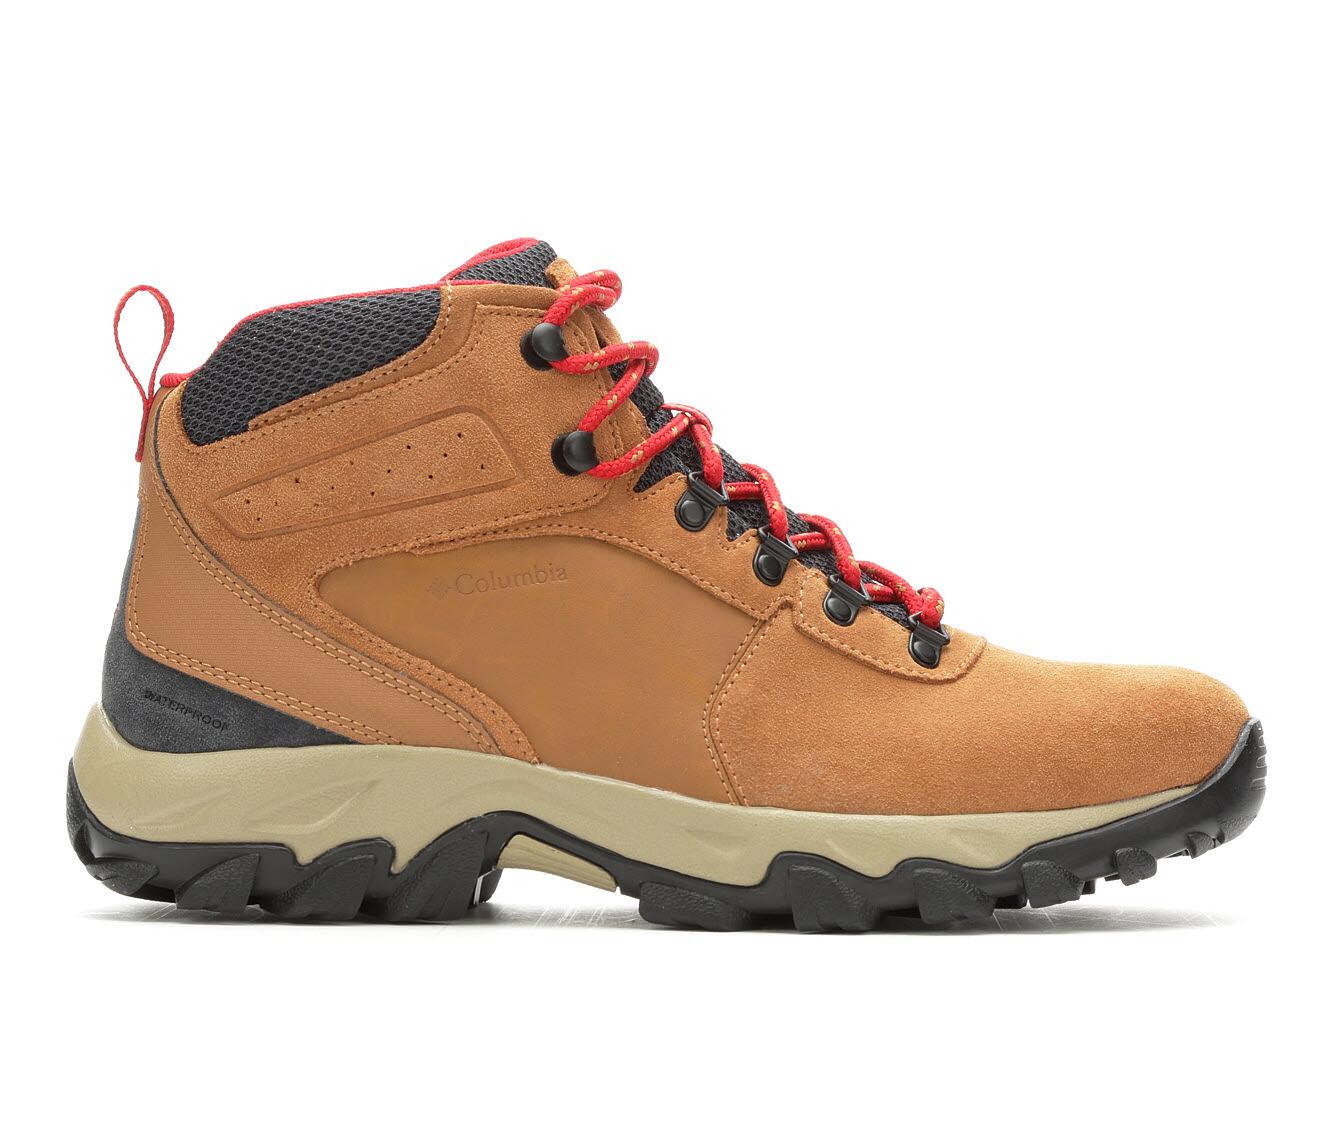 Men's Columbia Newton Ridge Plus II Waterproof Hiking Boots Elk/Mount Red